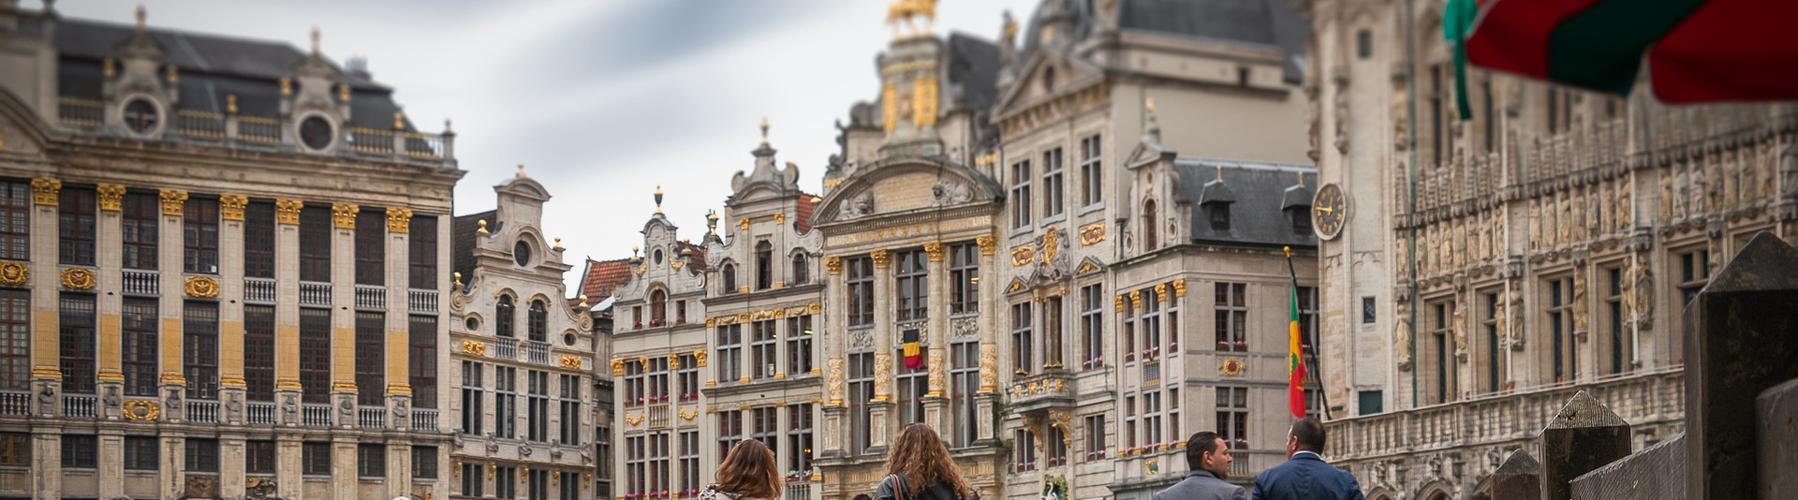 브뤼셀 - City Center와 가까운 호스텔. 브뤼셀의 지도, 브뤼셀에 위치한 호스텔 사진 및 후기 정보.